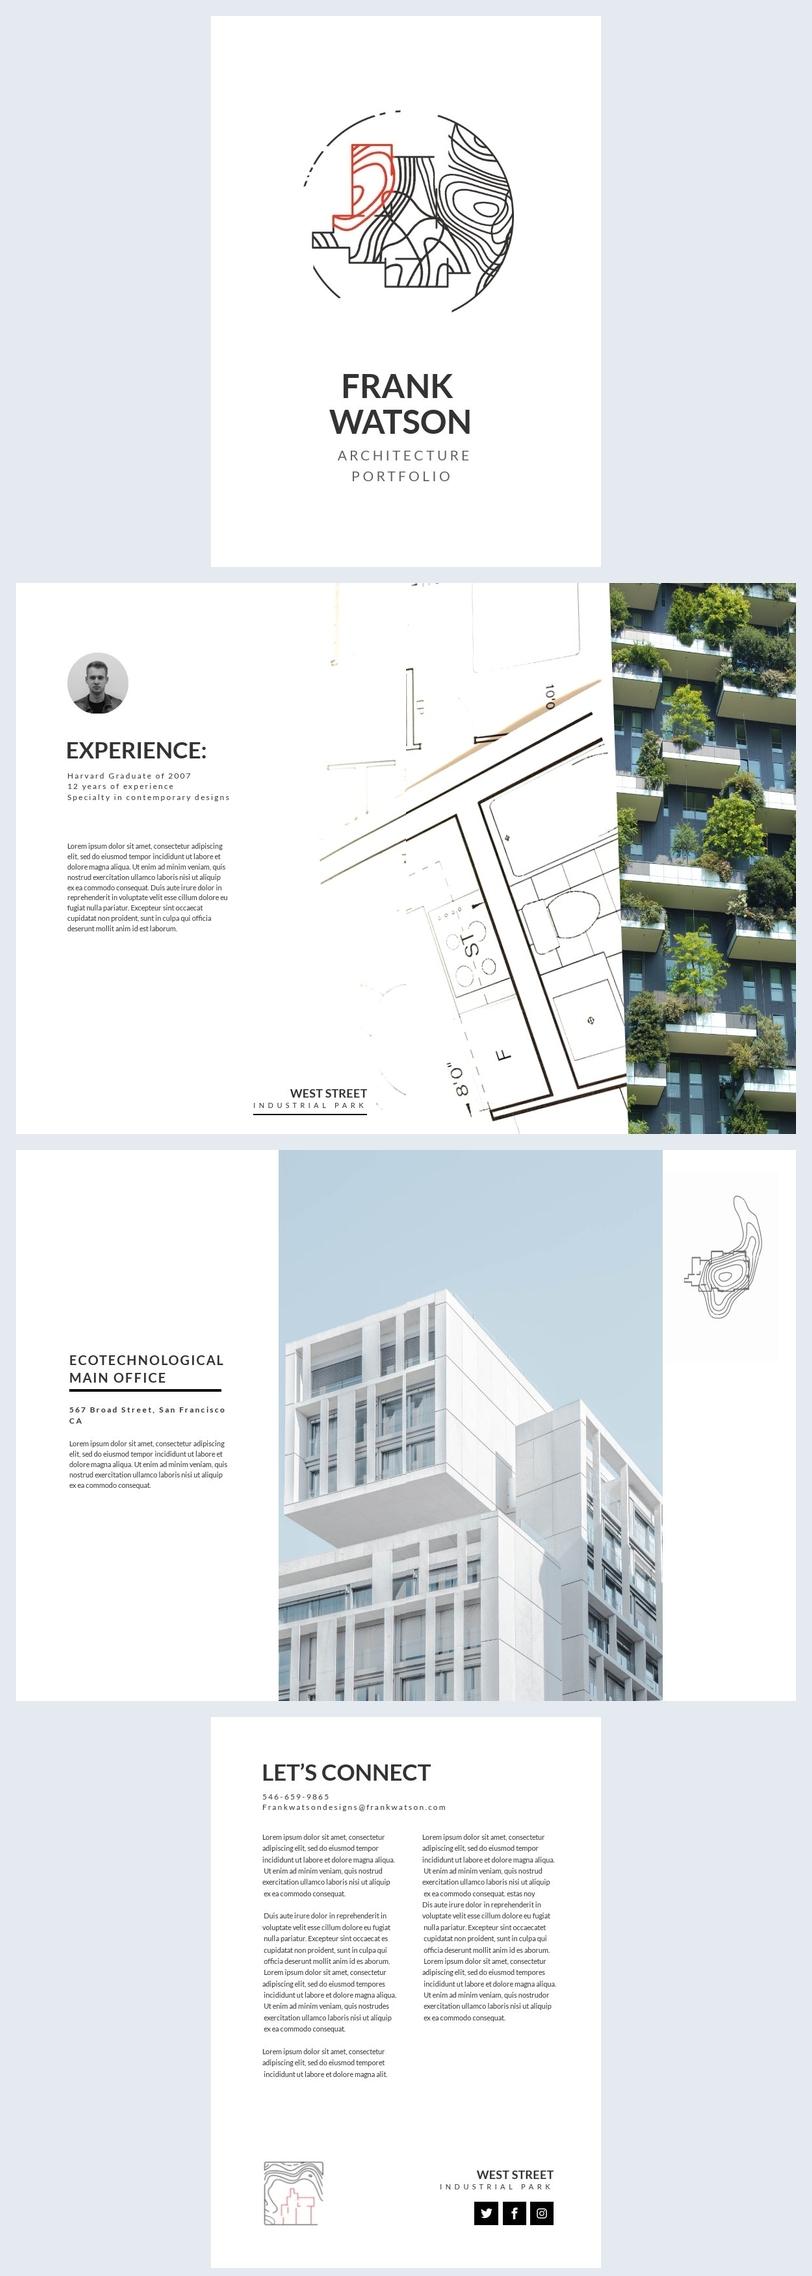 Architektur portfolio layout design